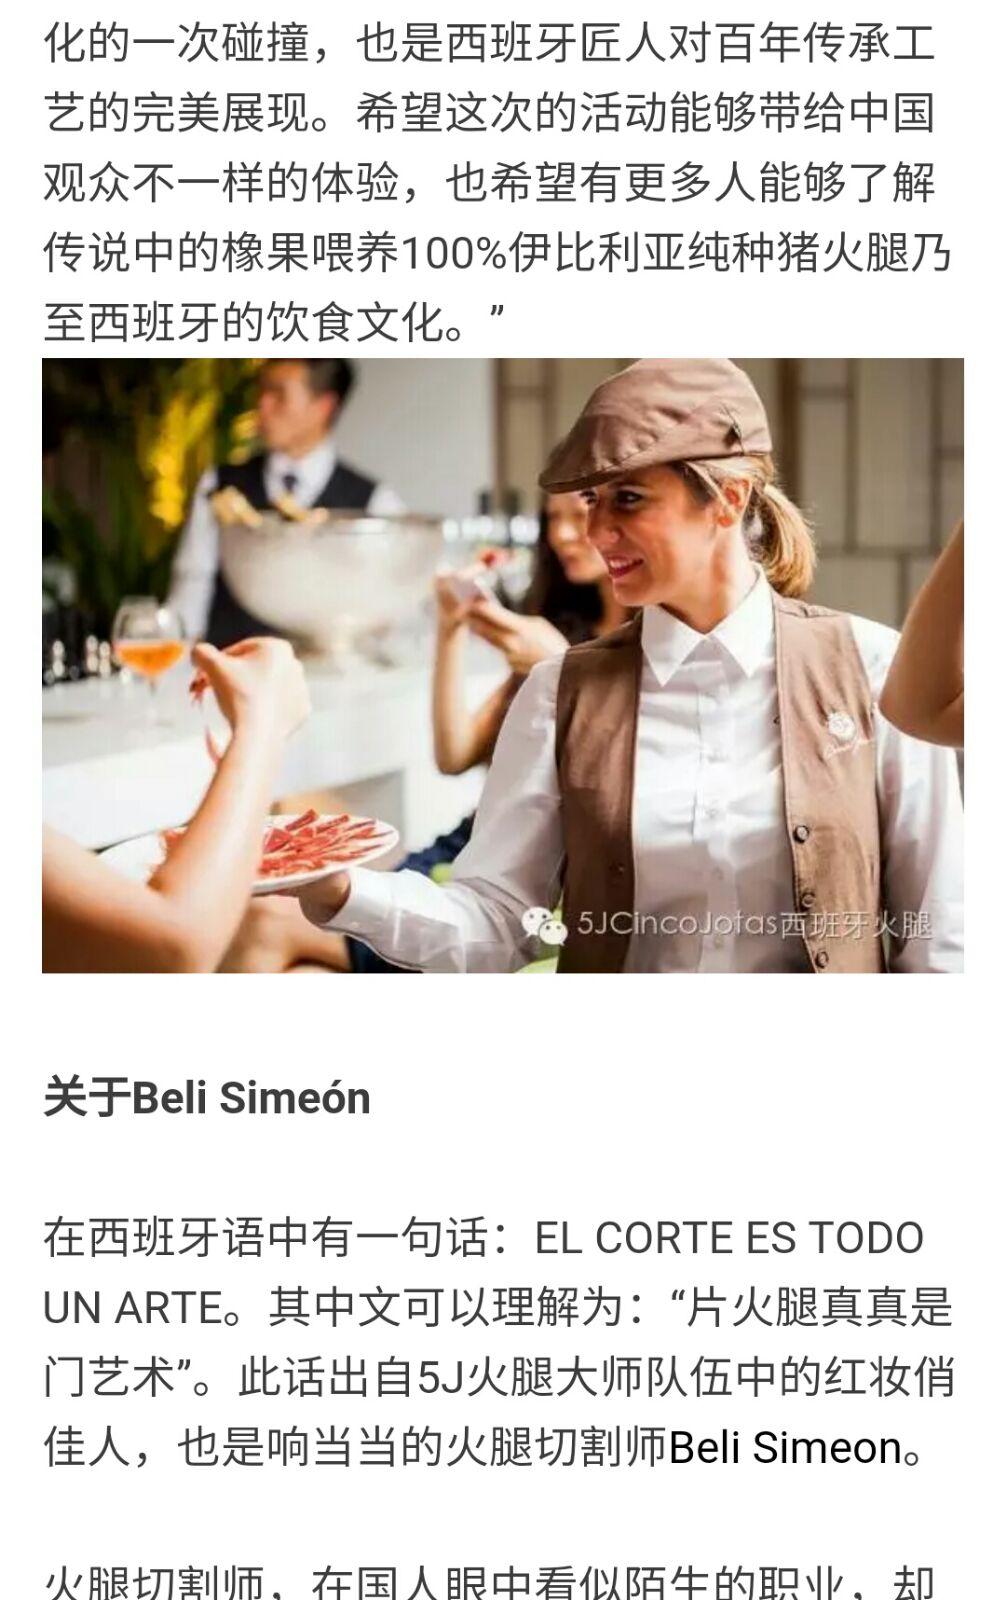 jamón-iberico-china-5-jotas-jamones-simeon-14